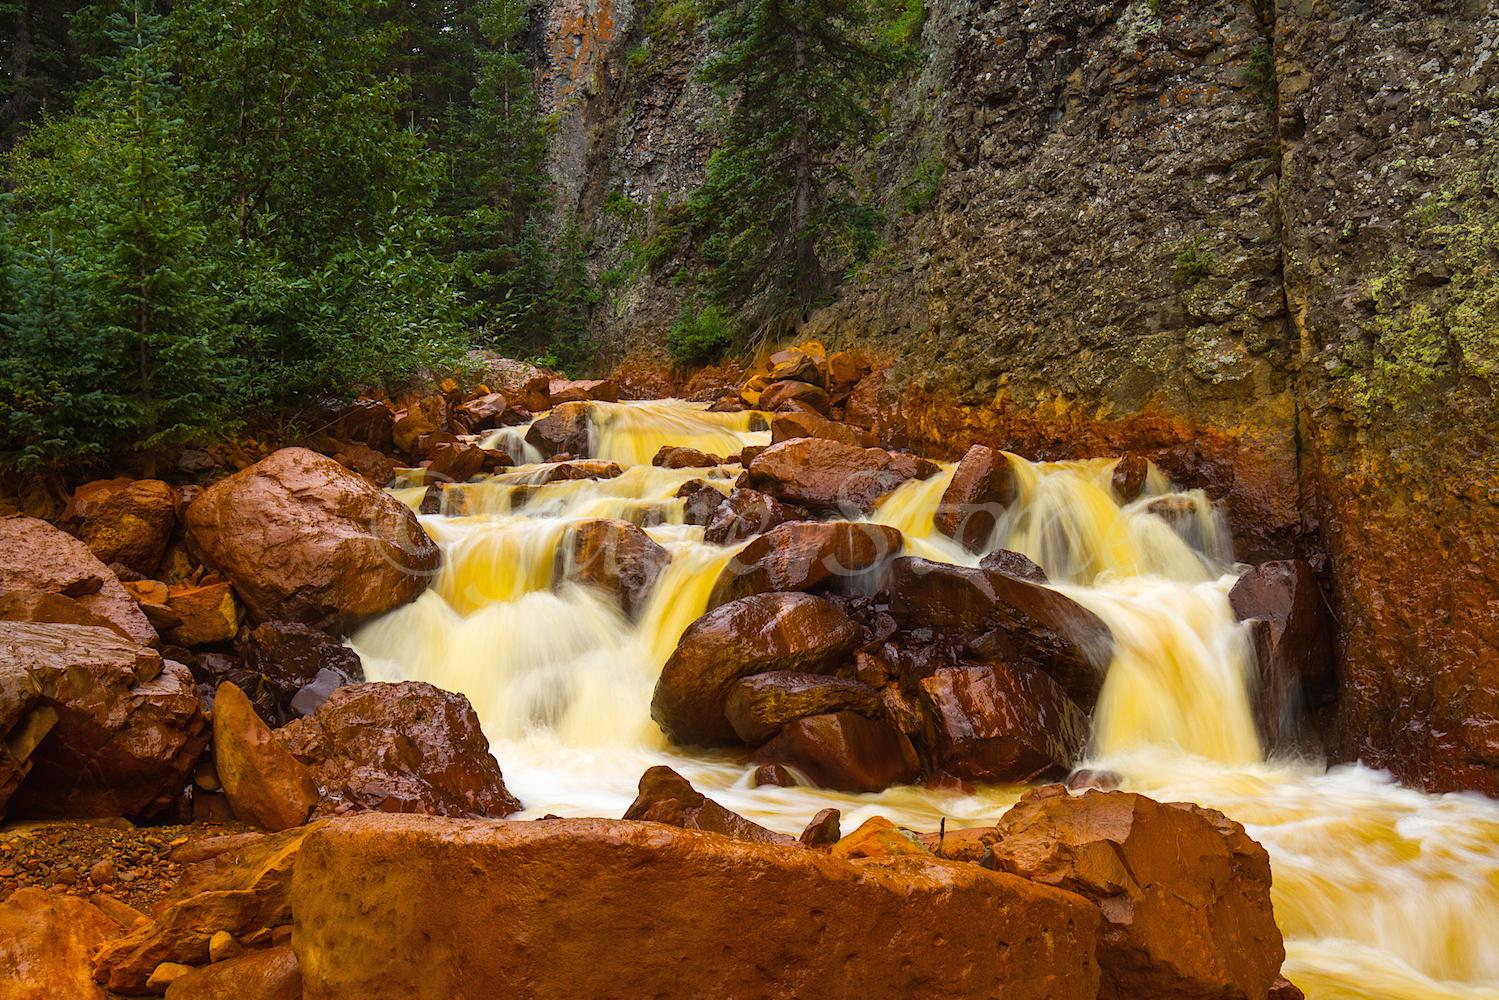 Uncompahgre River Gorge Falls, Image #4249